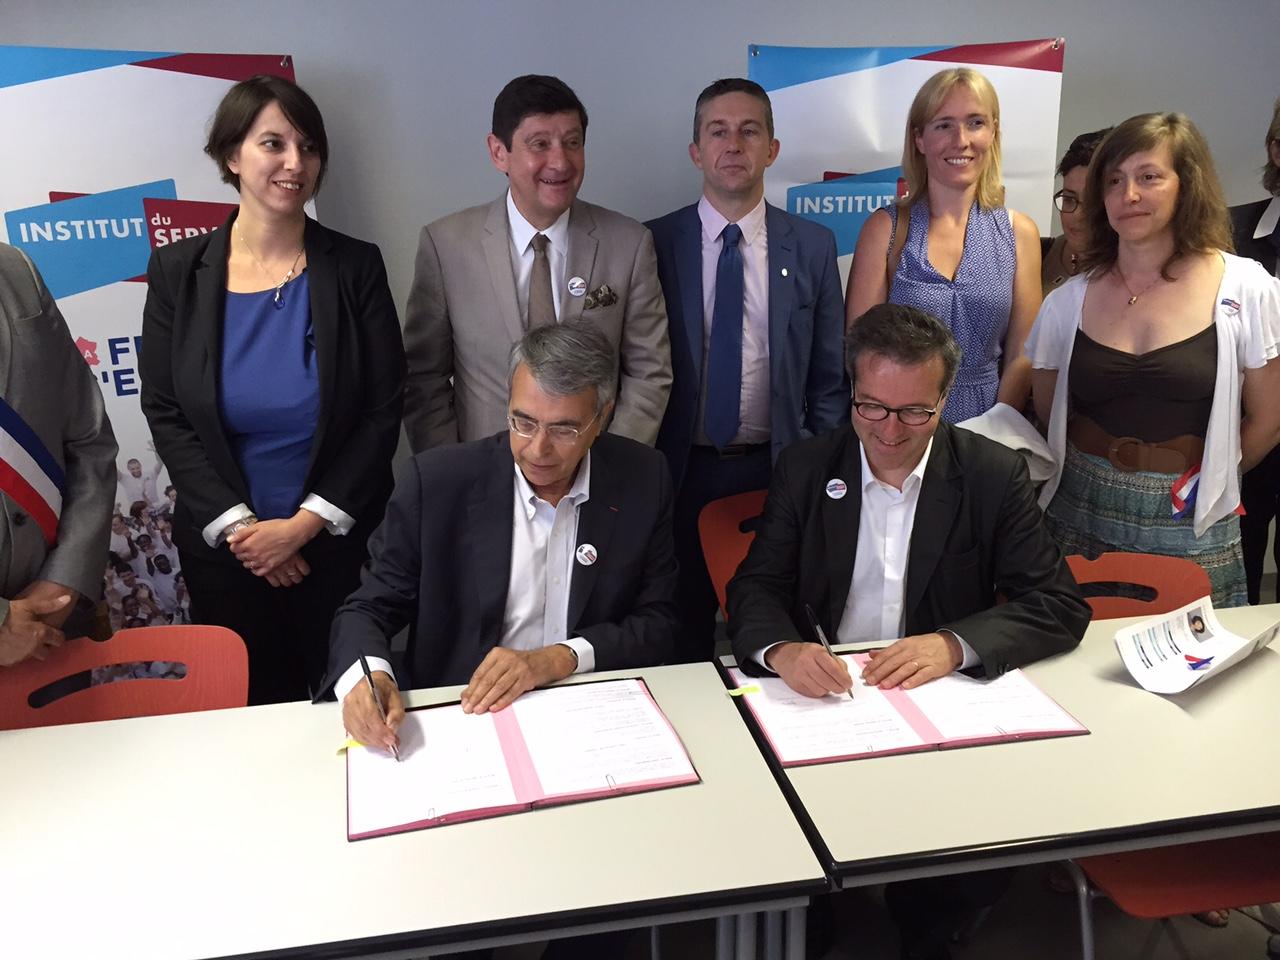 Jean-Jack Queyranne et Martin Hirsch signent, en présence du Ministre, la convention de partenariat entre l'Institut du Service Civique et la région Rhône-Alpes, qui devient la première région partenaire de l'Institut.